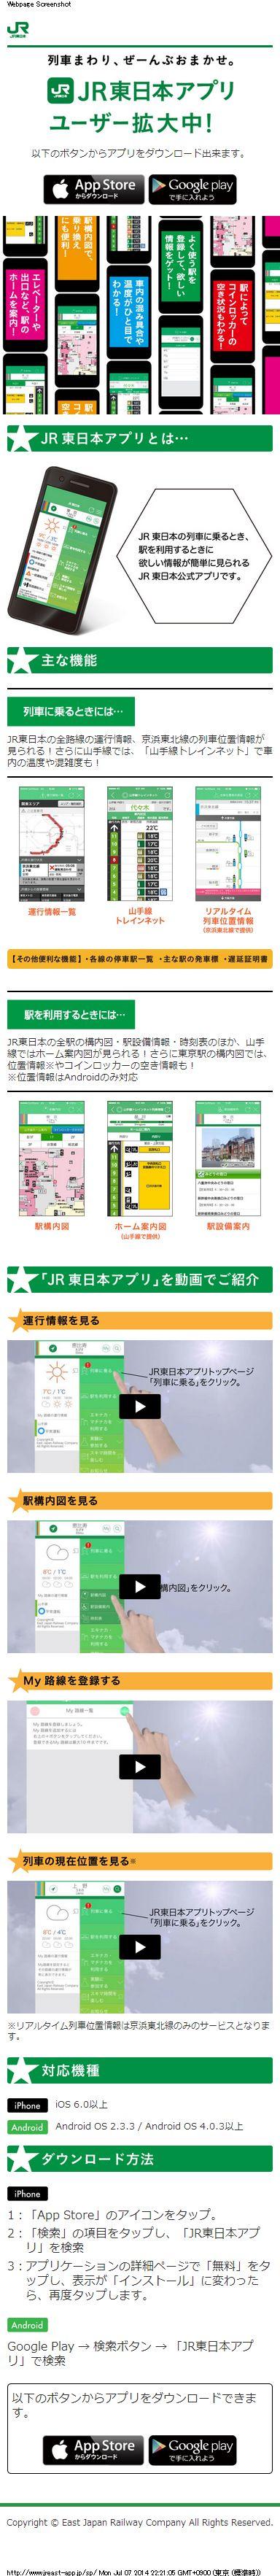 JR東日本アプリ:JR東日本